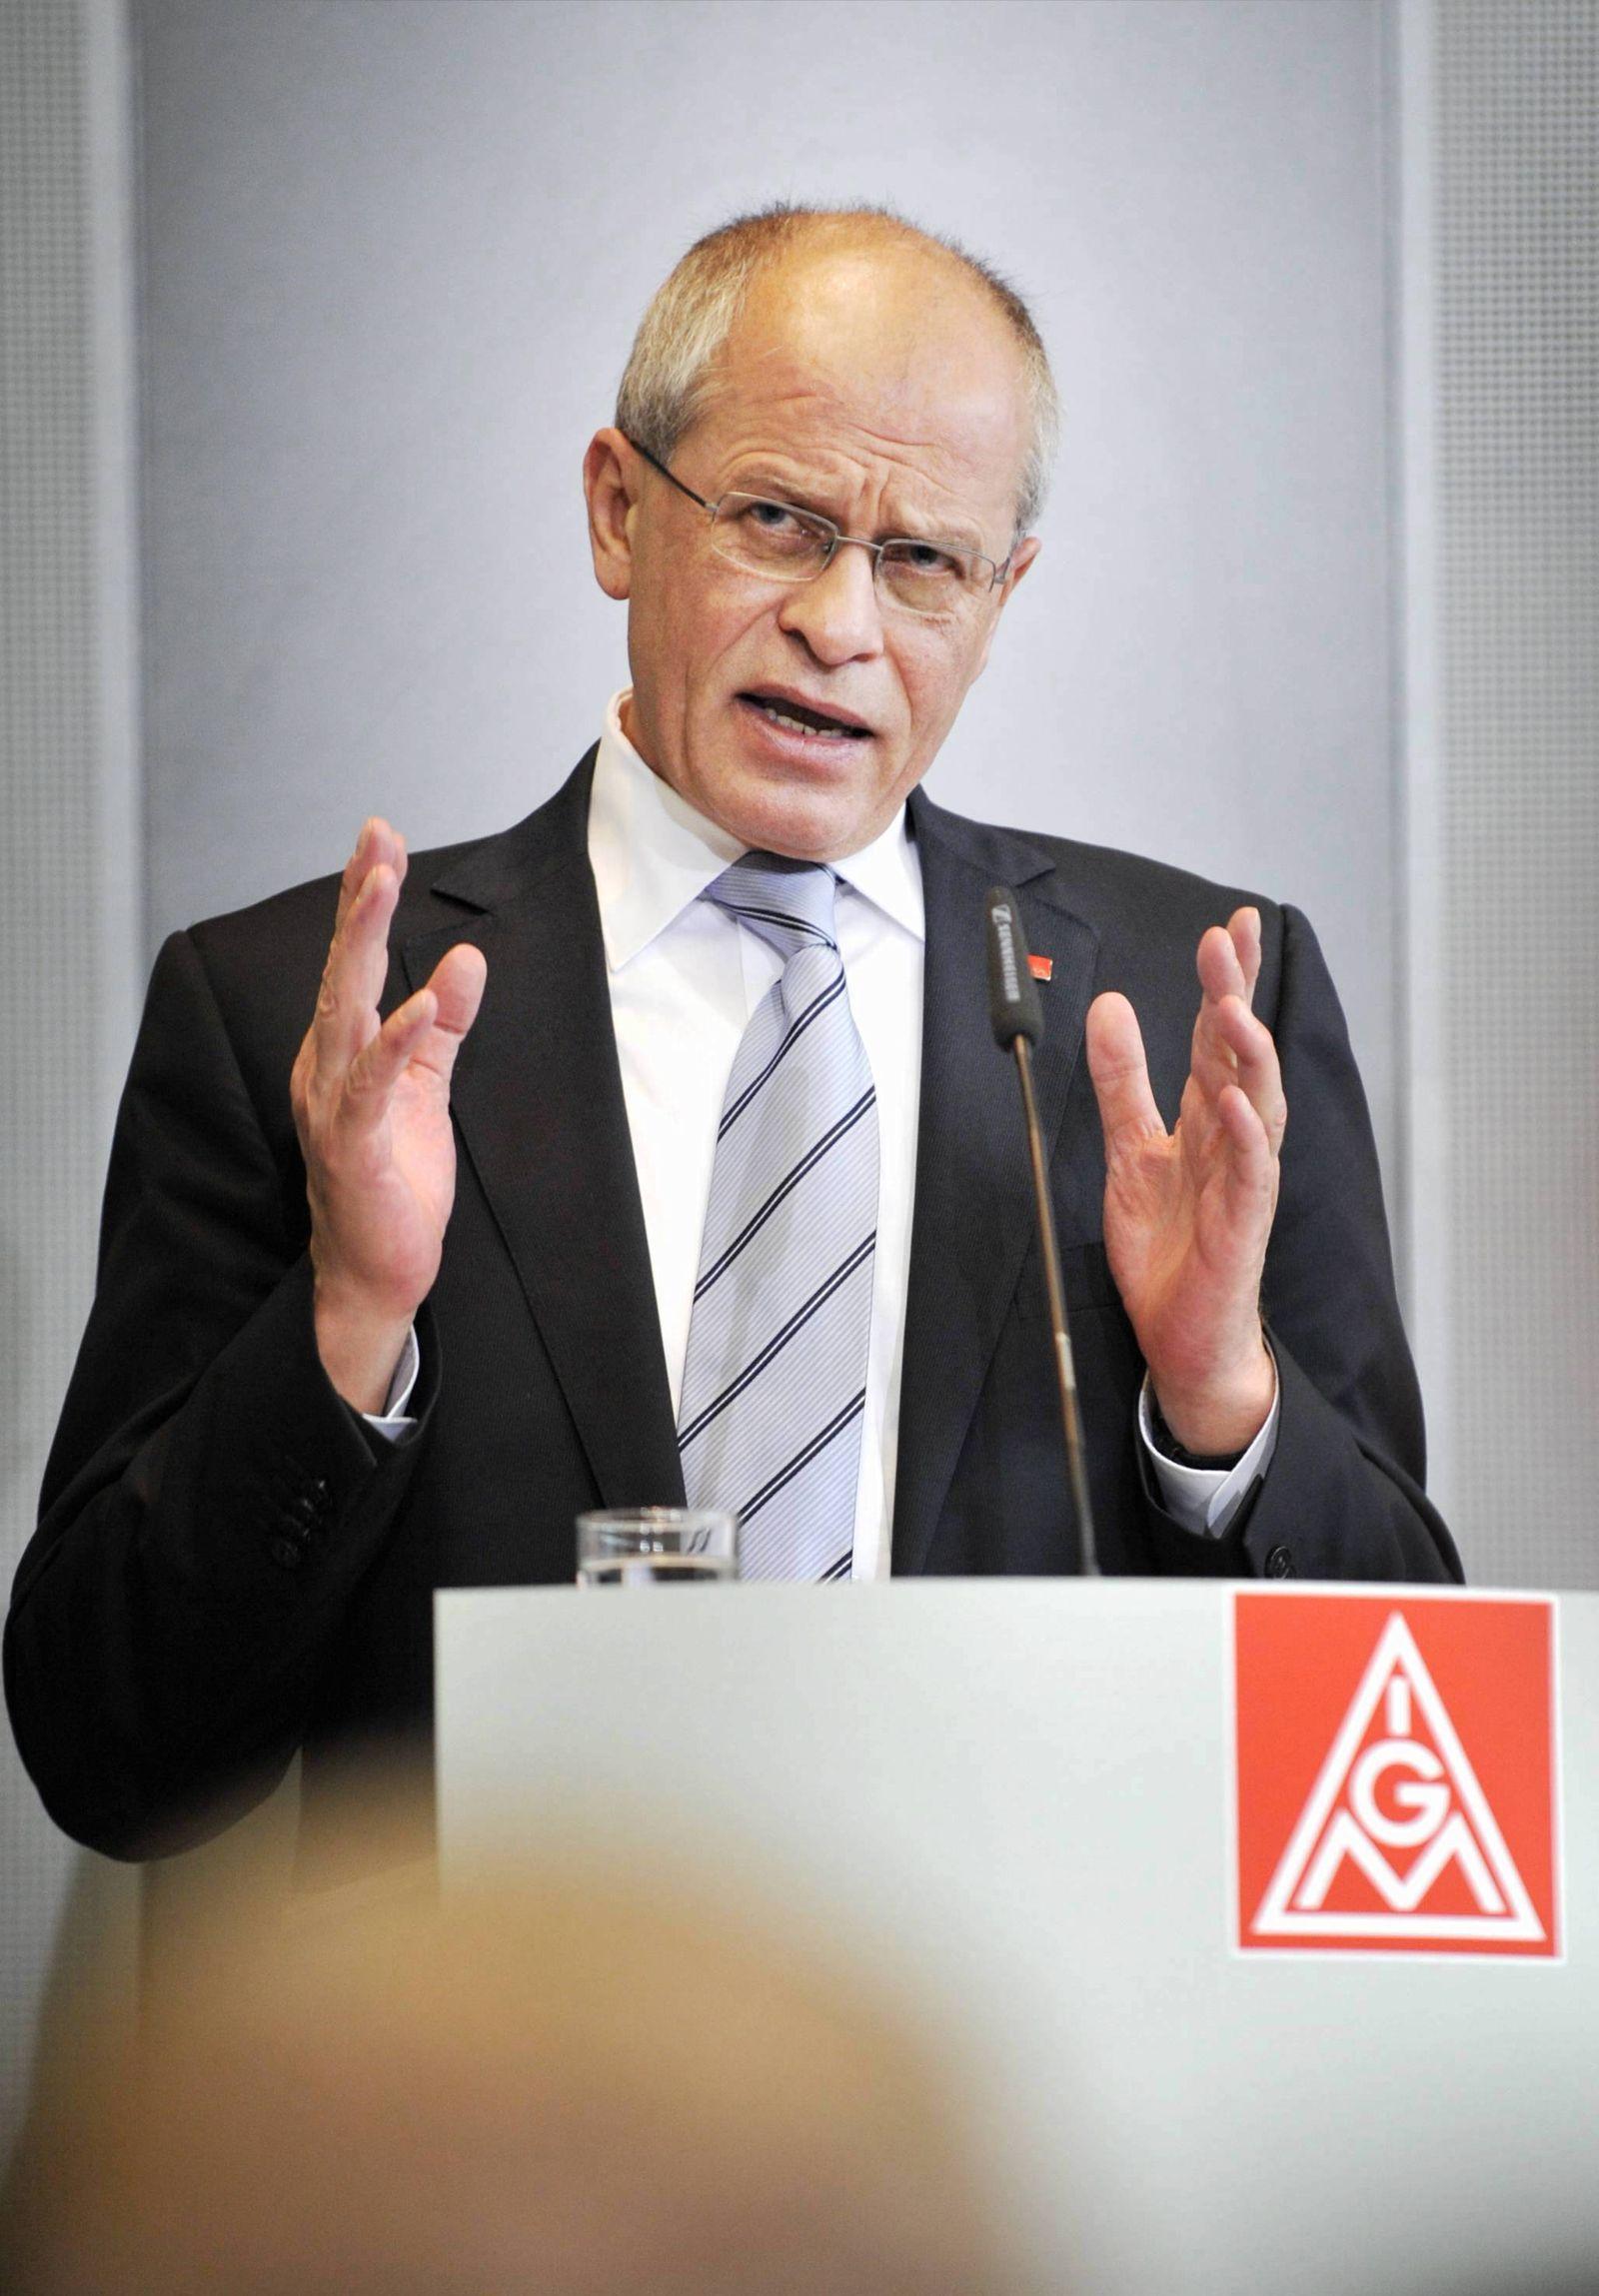 NICHT VERWENDEN Huber fordert von Magna Einhaltung der Arbeitsplatzzusagen